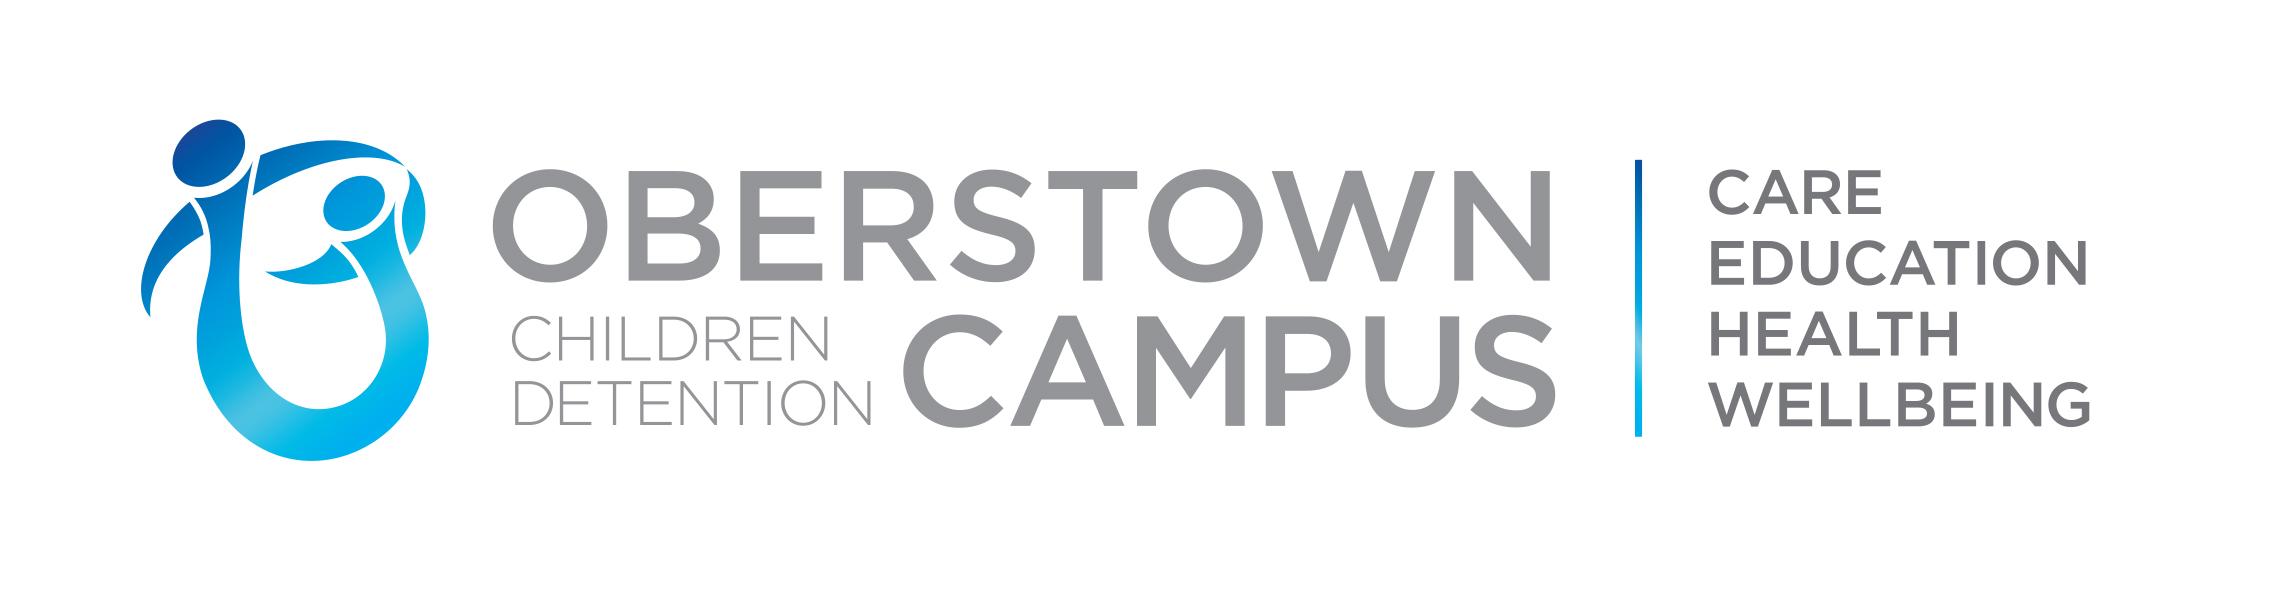 Oberstown Children Detention Campus logo